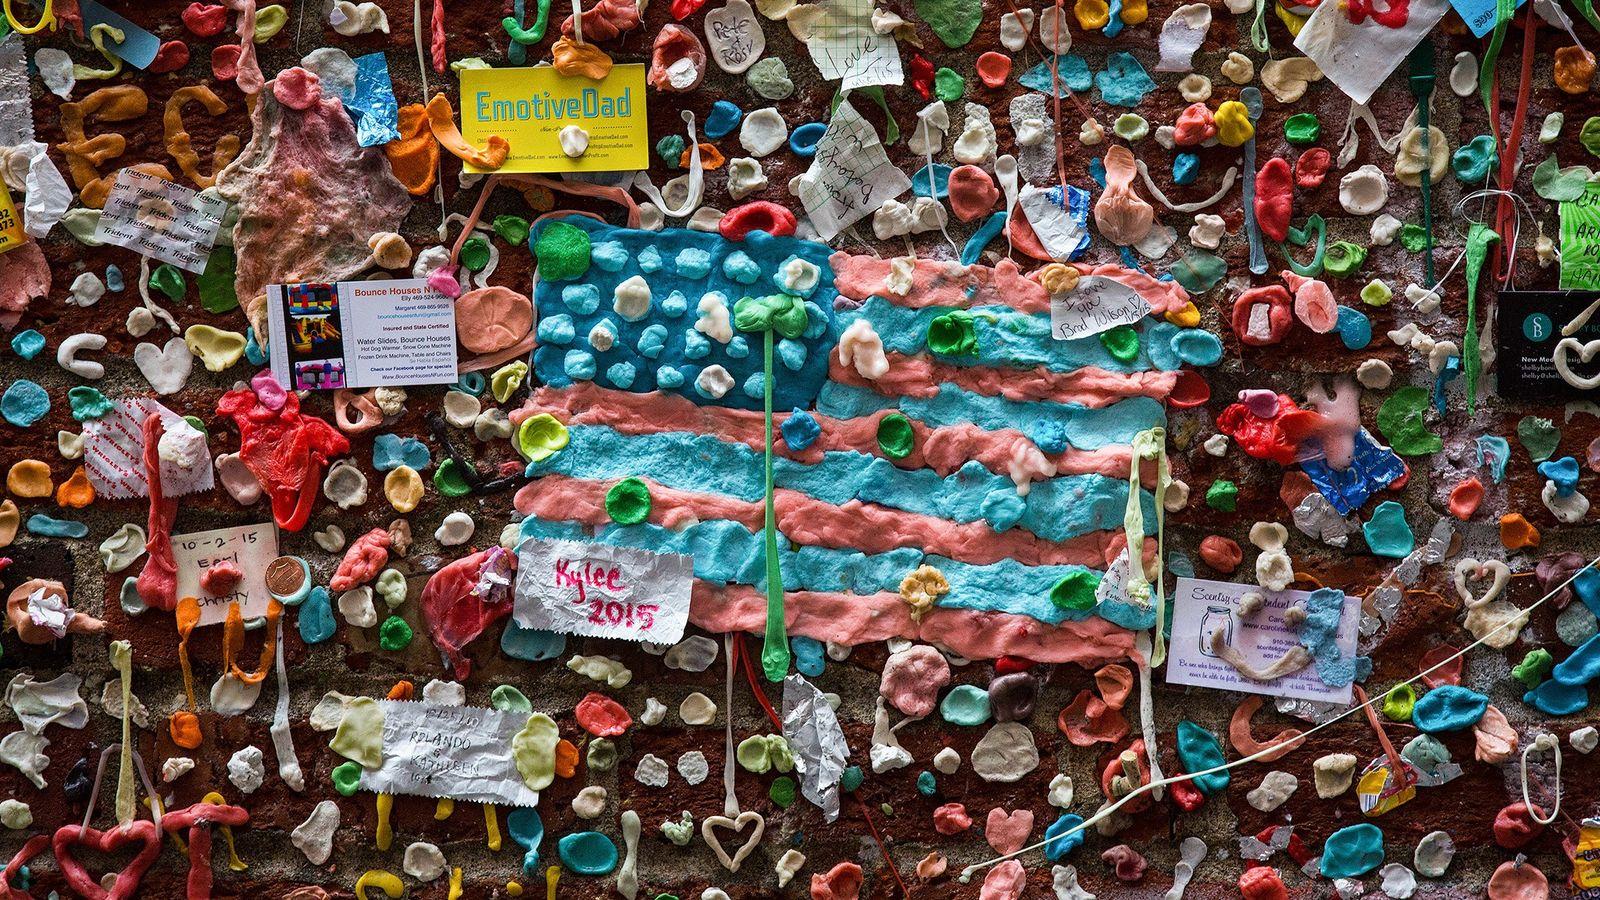 Uma bandeira feita de pastilha elástica mastigada já esteve na Gum Wall de Seattle, uma parede ...